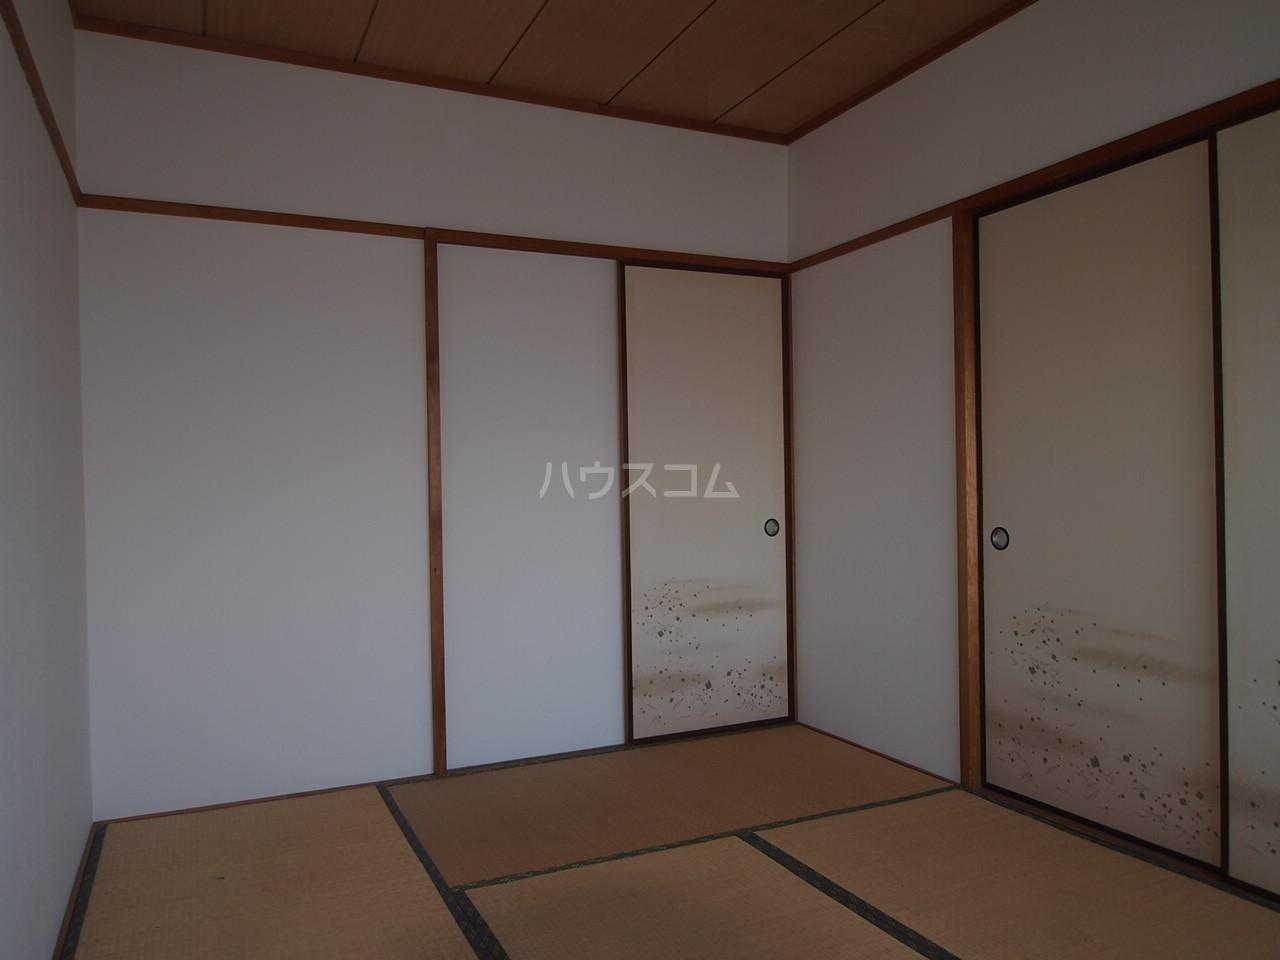 マンションニューシーズ 303号室の居室